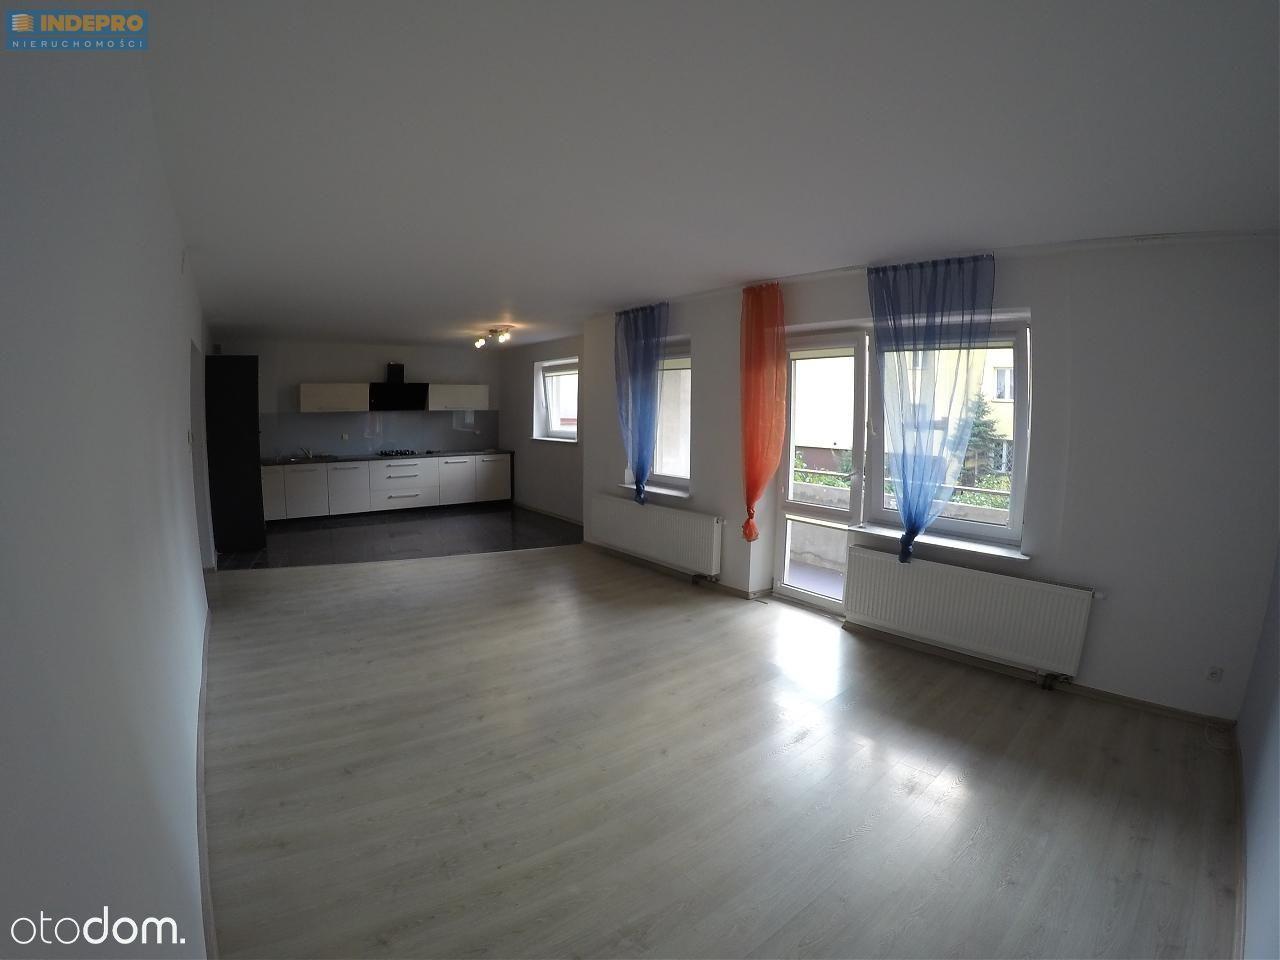 Mieszkanie na sprzedaż, Piaseczno, piaseczyński, mazowieckie - Foto 13